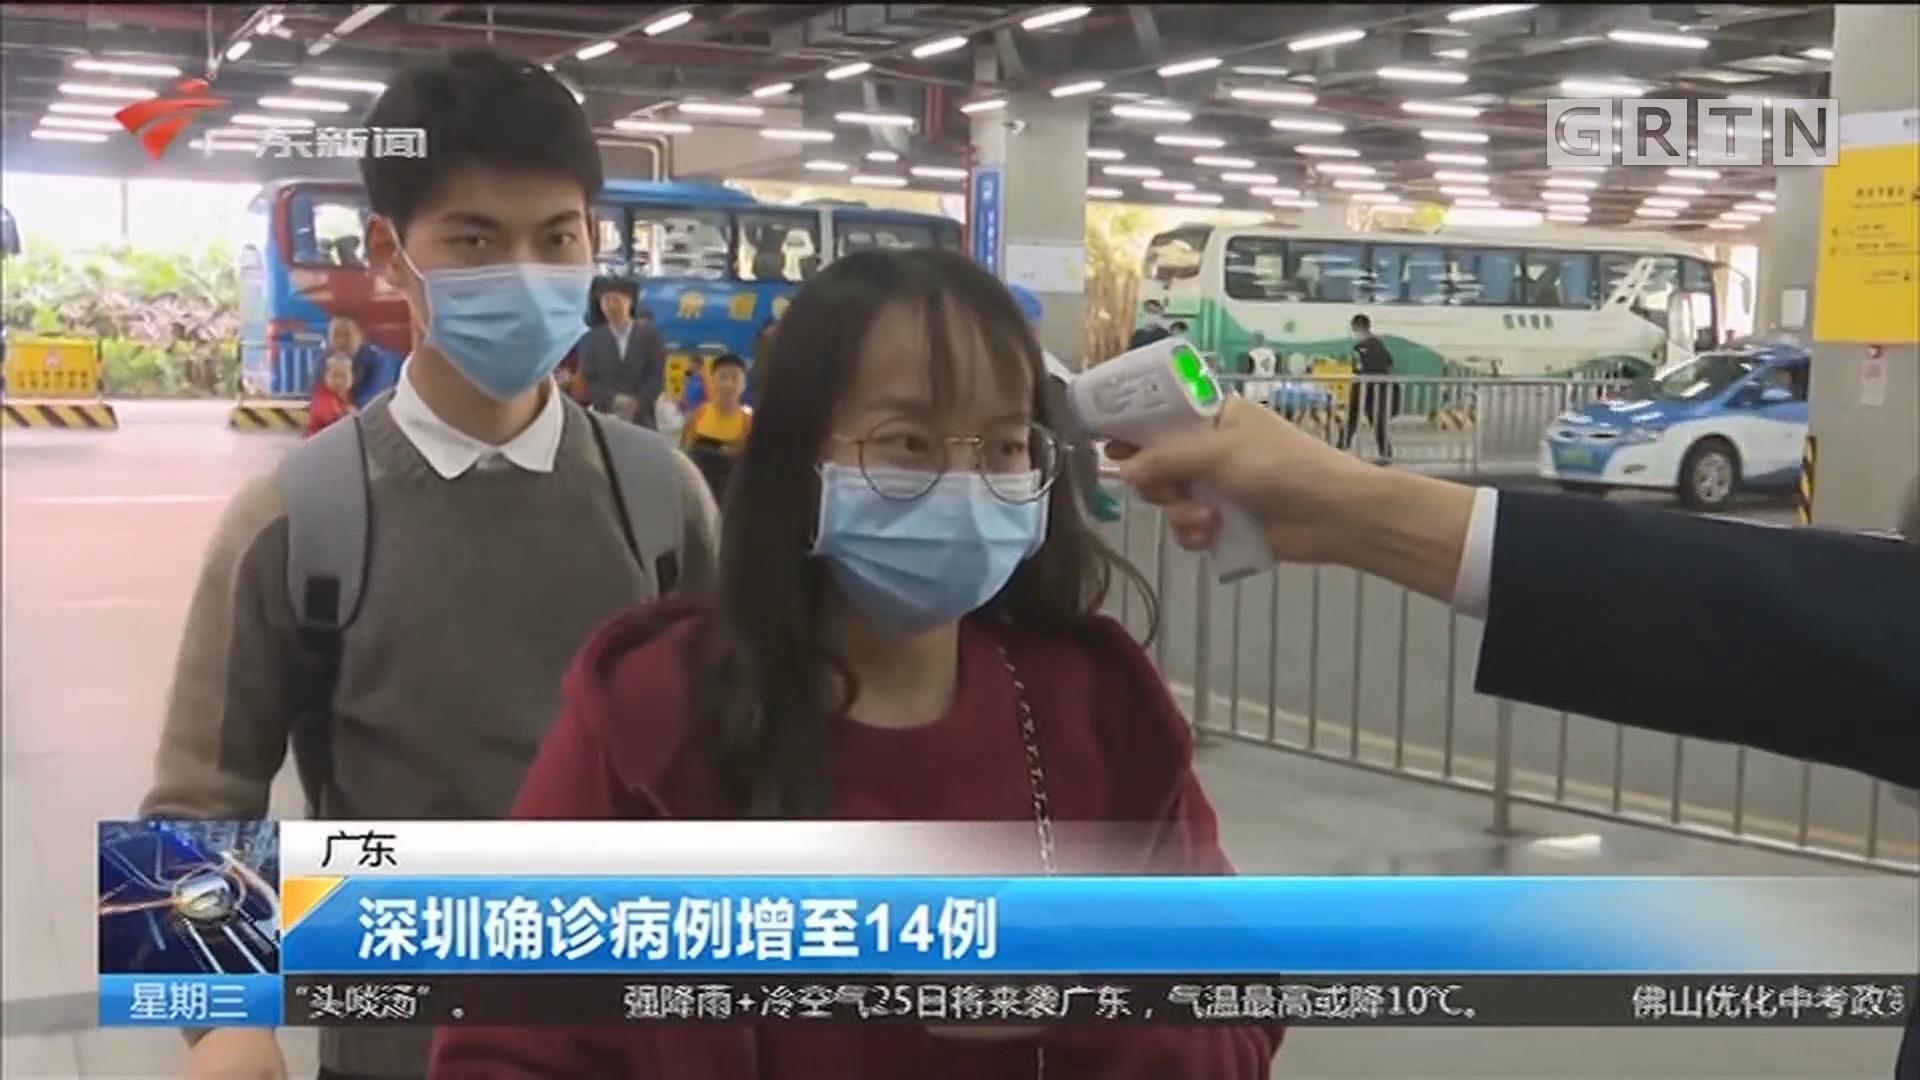 广东 深圳确诊病例增至14例